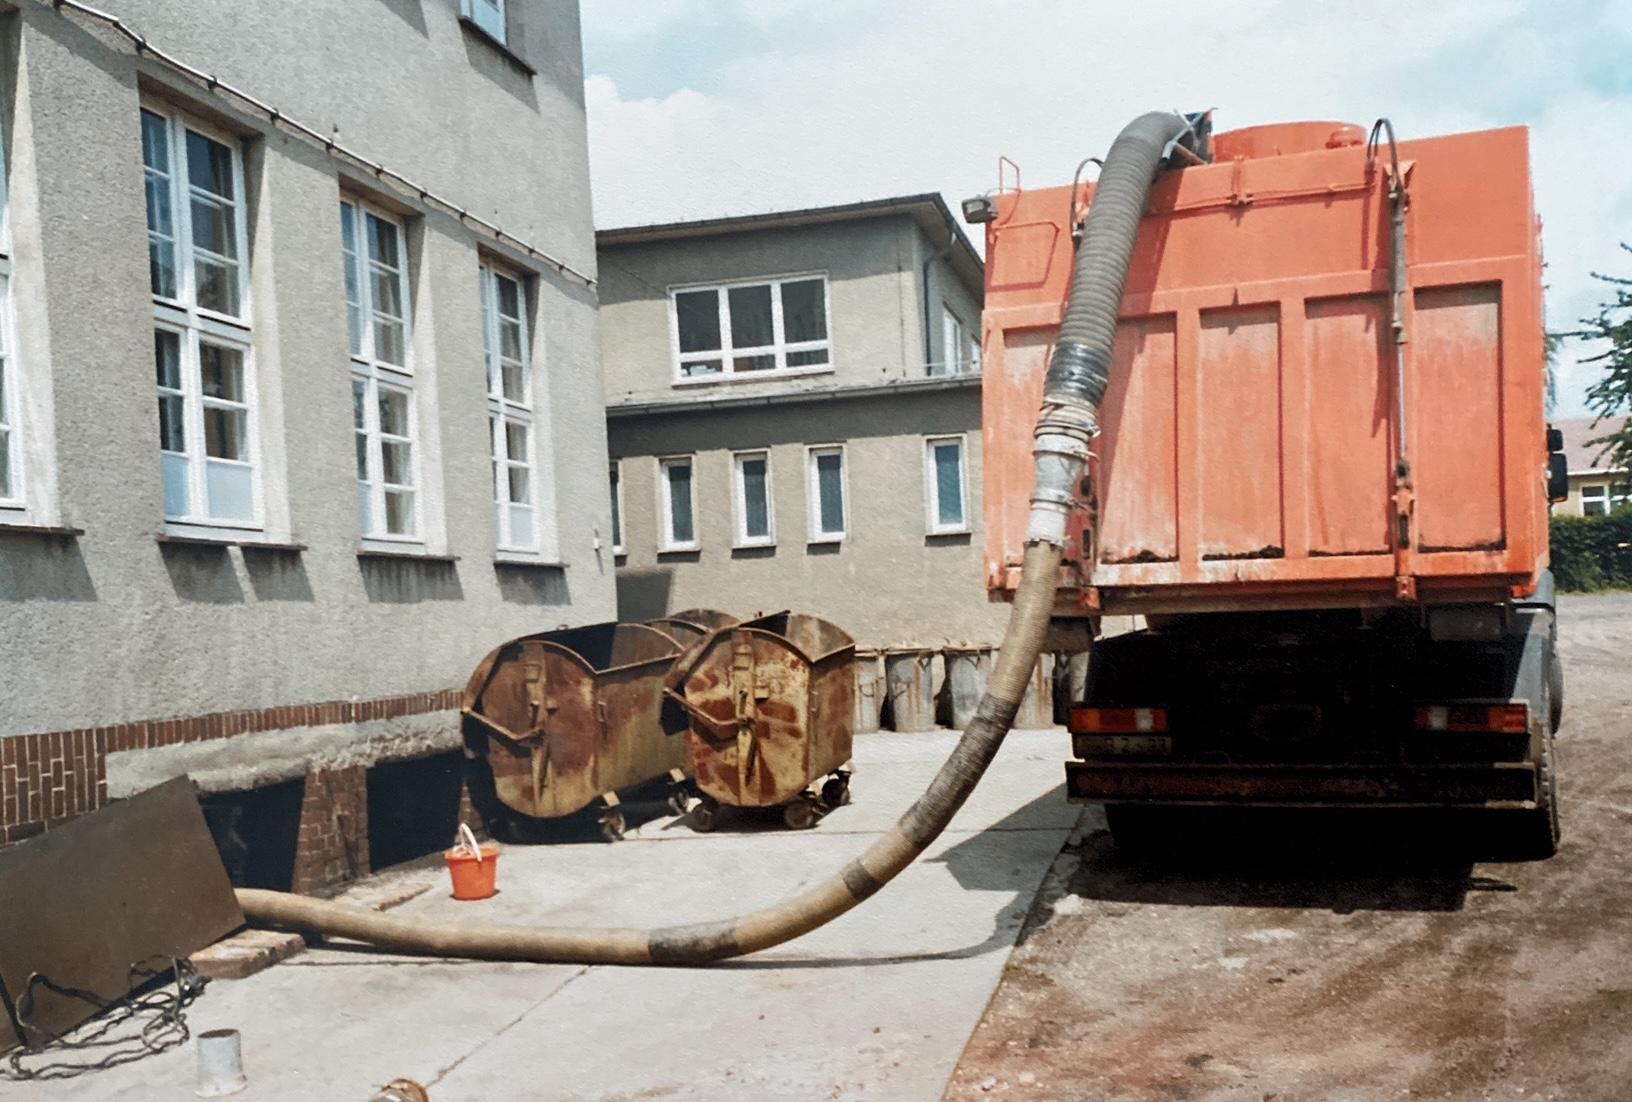 Einsatz im Kohlenkeller der Grundschule Großpösna